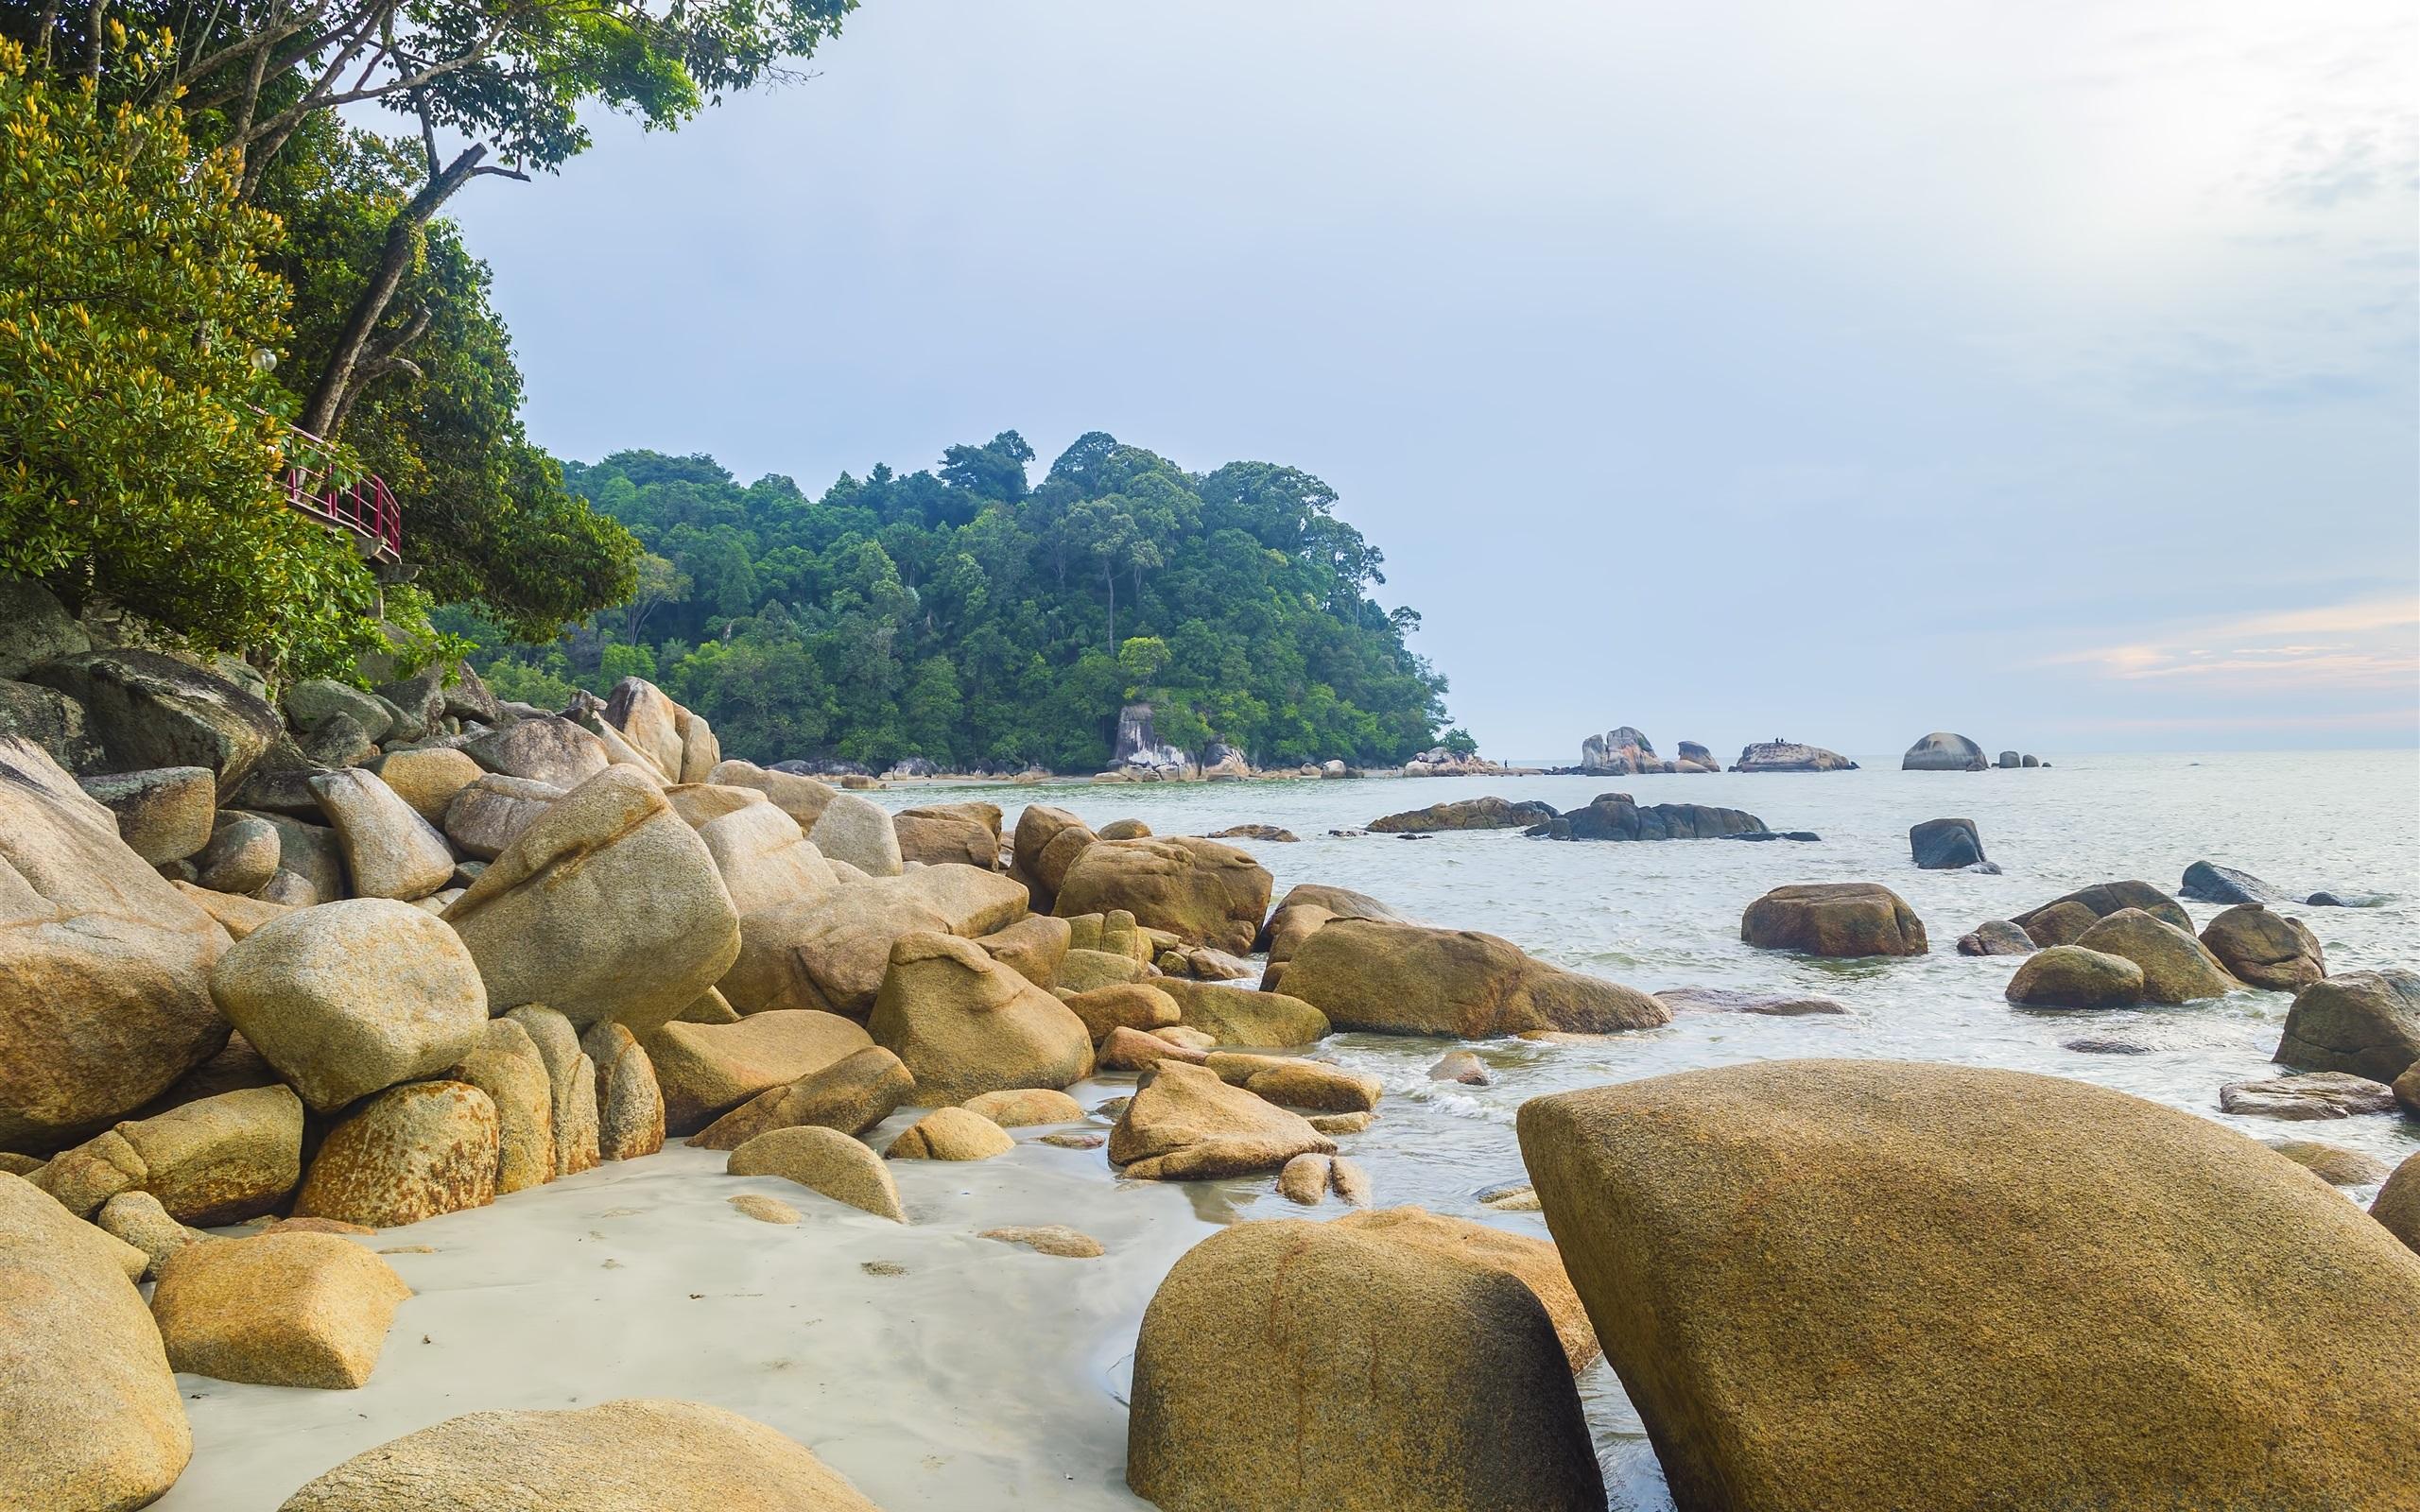 Wallpaper Sea Coast Beach Rocks Trees 2560x1600 Hd